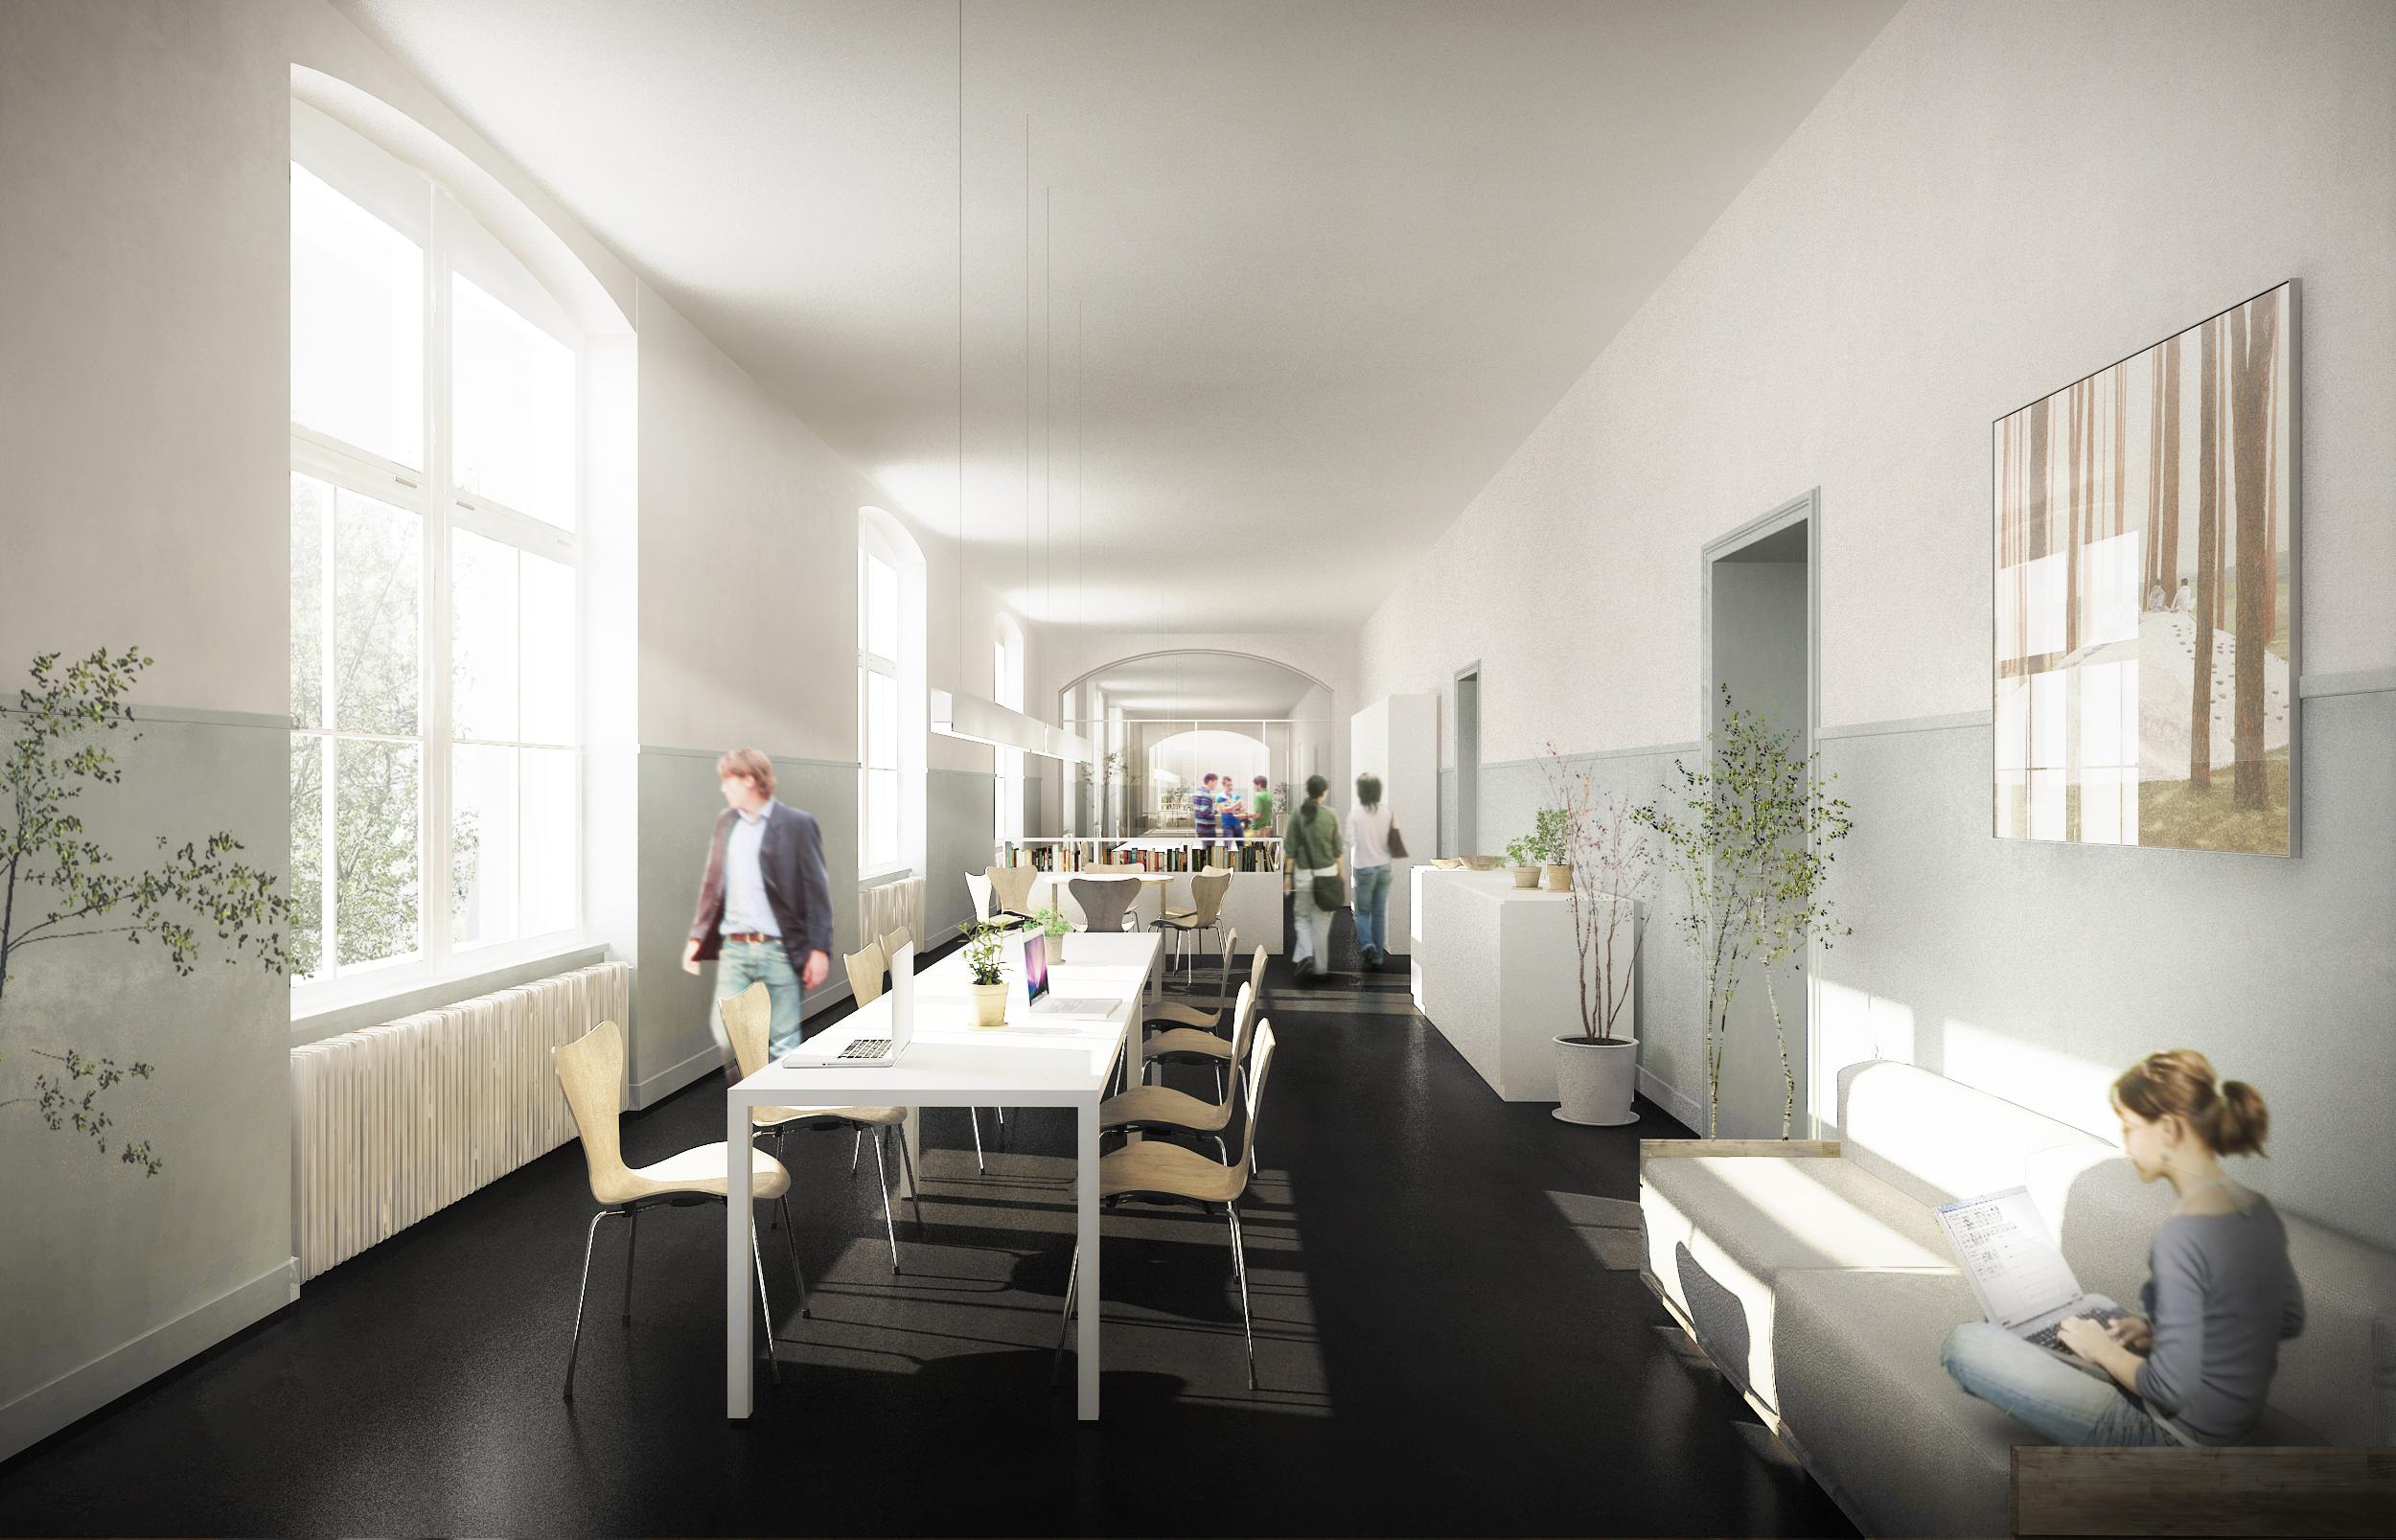 Platz für kreative Menschen auch in den Gängen des neuen Kulturzentrums.